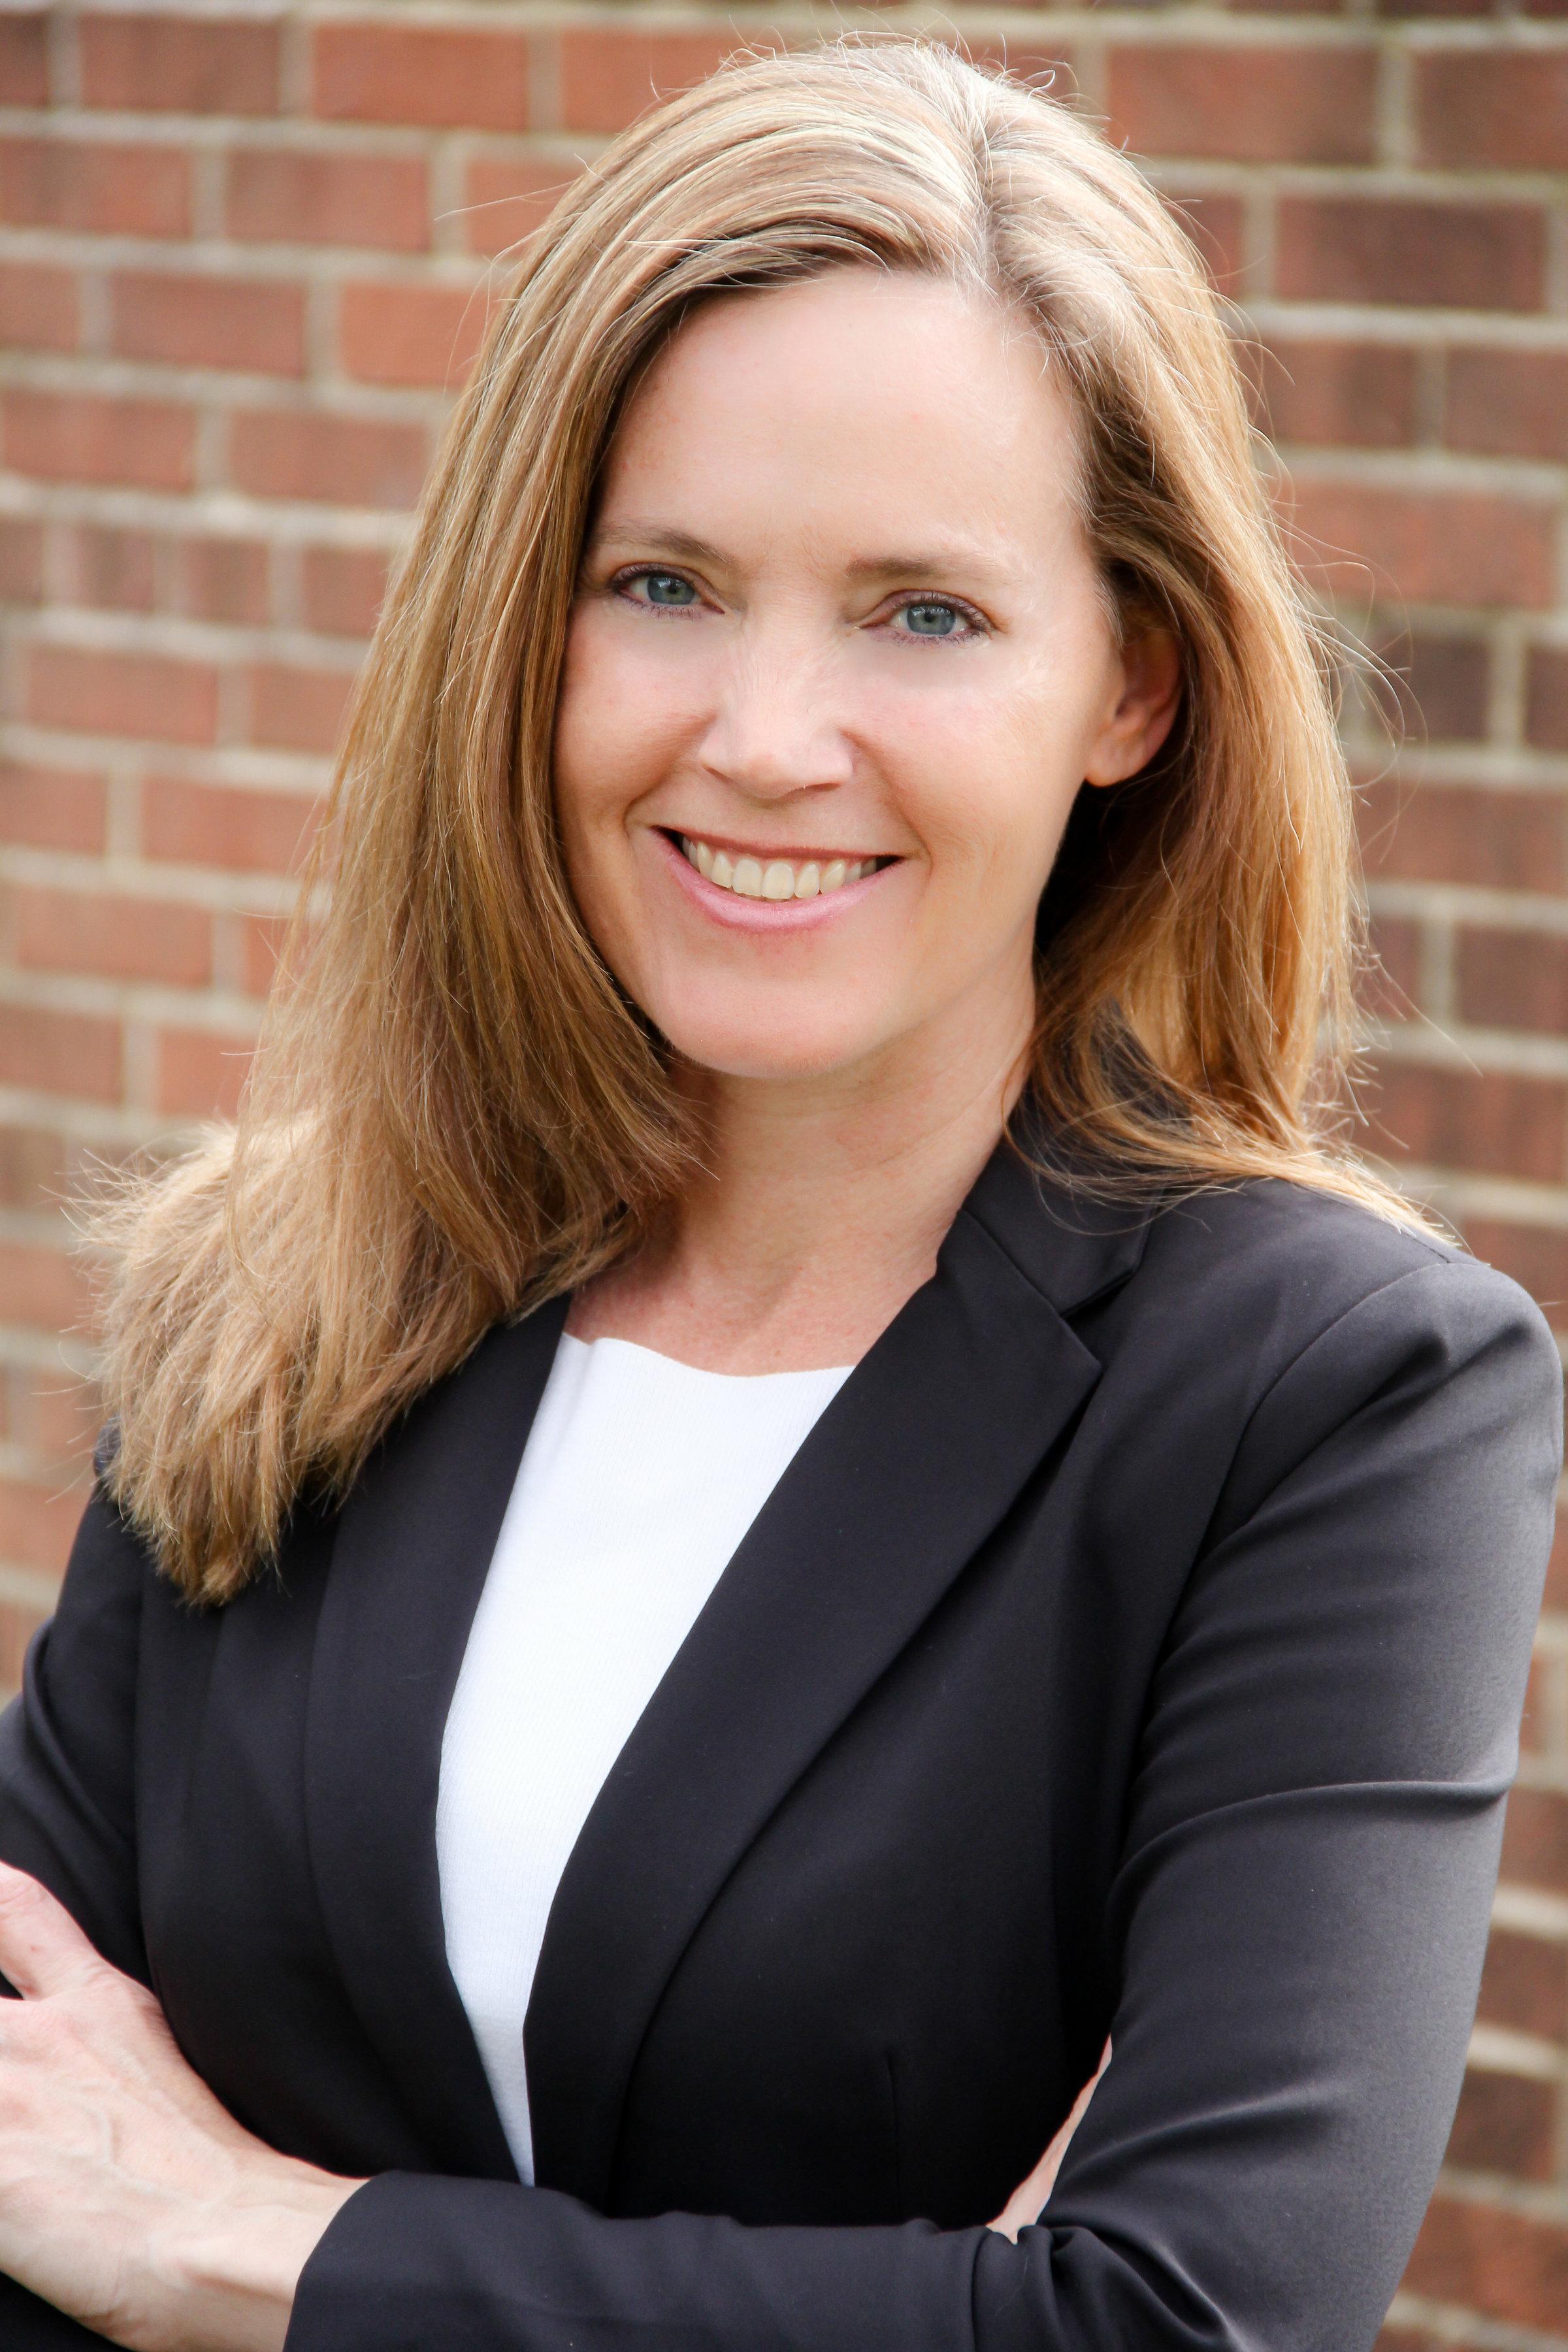 Shelly Lynch